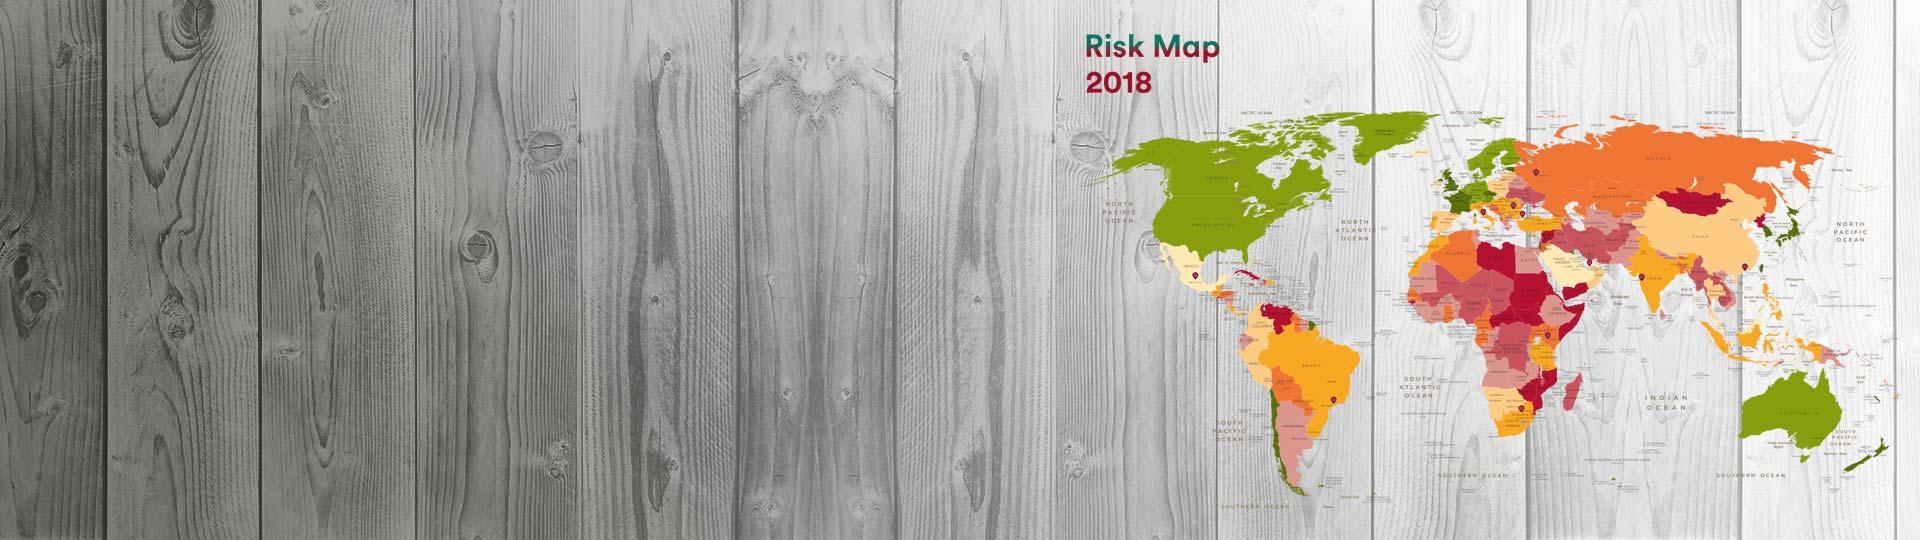 Visore-Risk-Map-2018